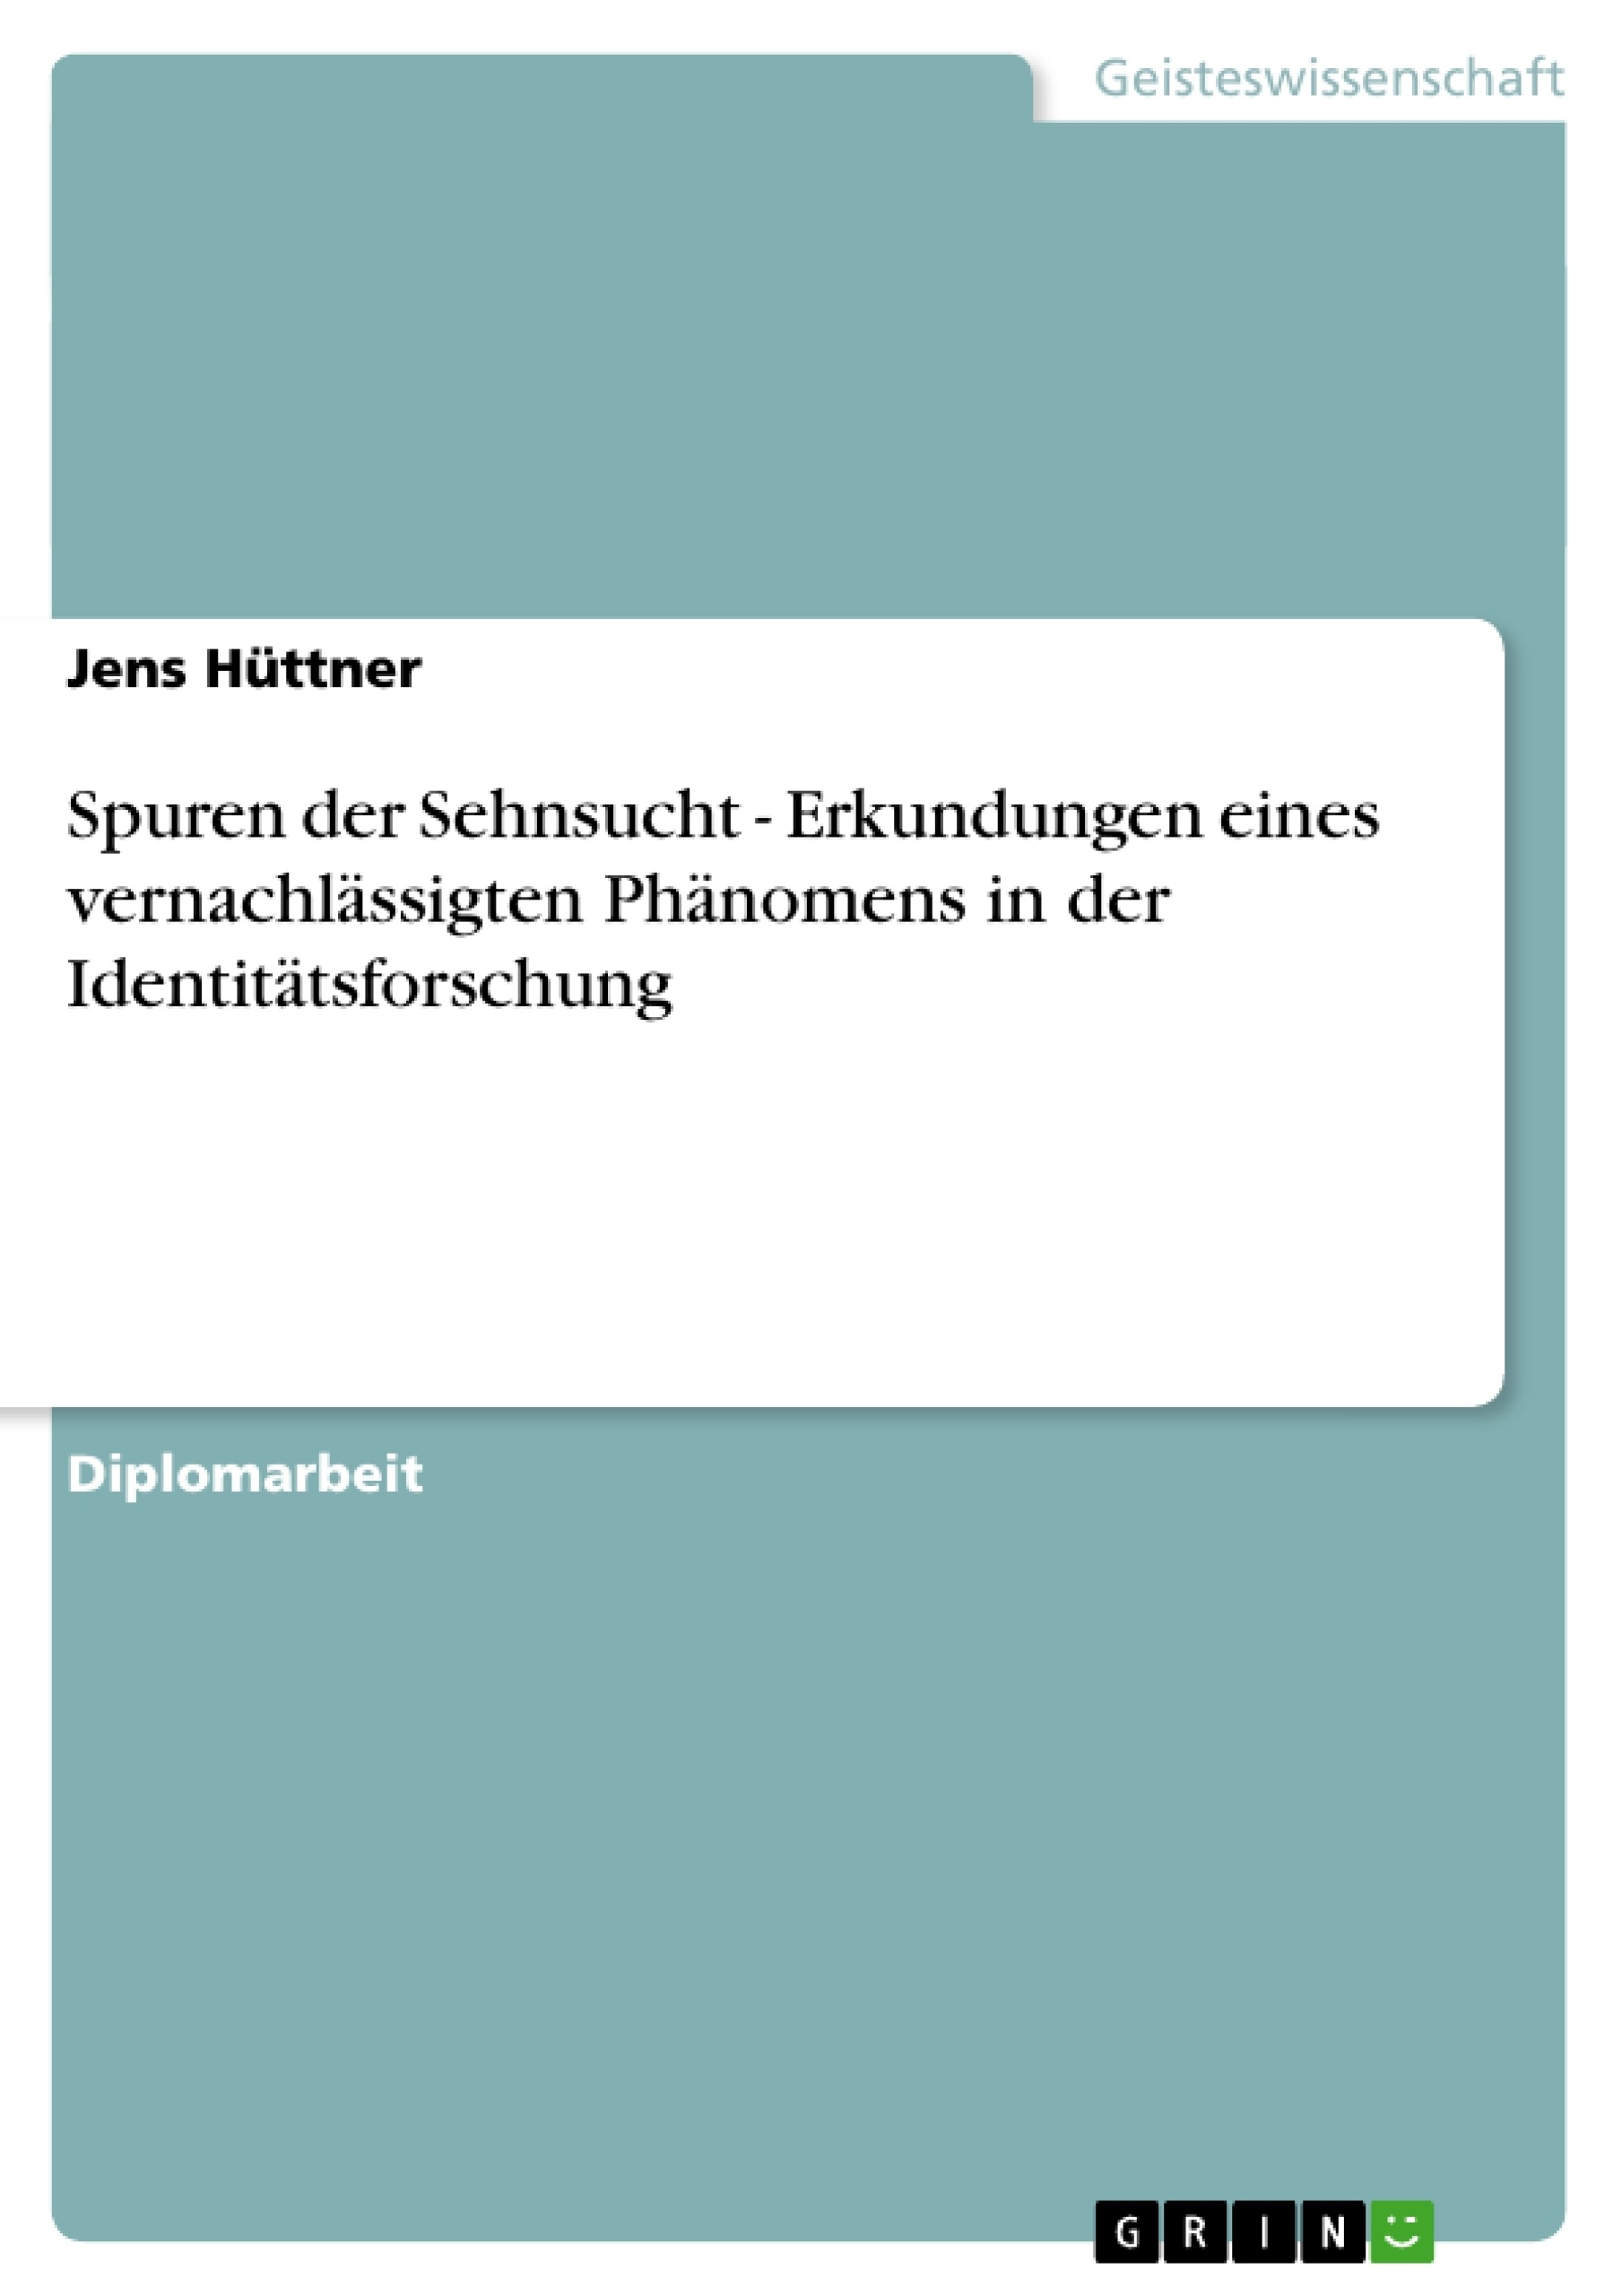 Titel: Spuren der Sehnsucht - Erkundungen eines vernachlässigten Phänomens in der Identitätsforschung